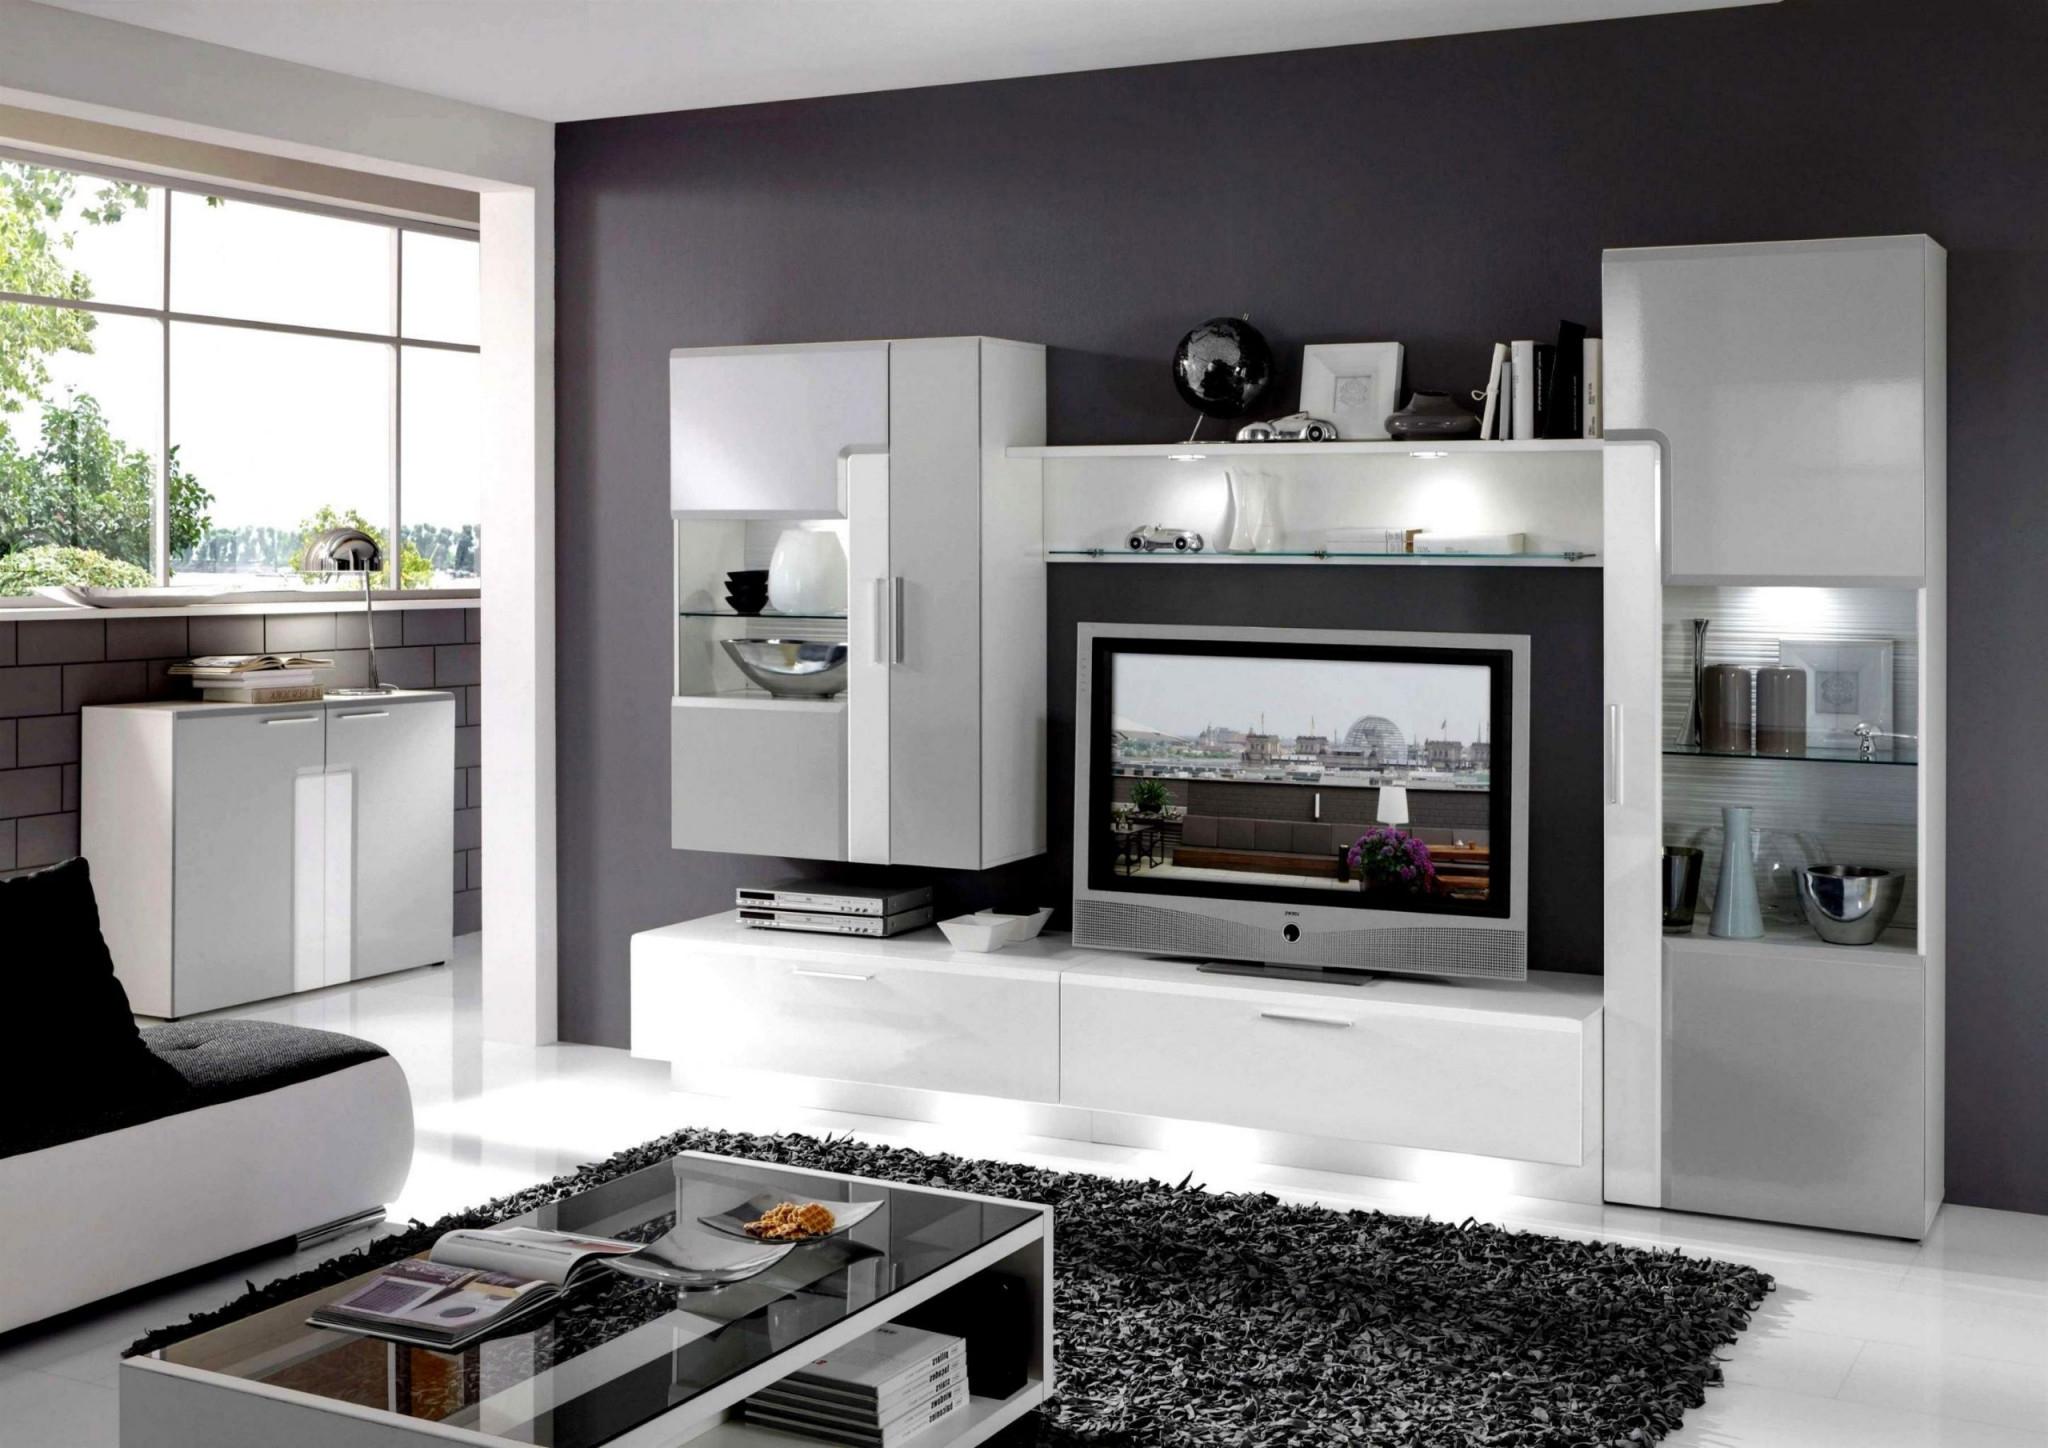 Coole Wohnzimmer Schön 30 Reizend Coole Wohnzimmer Genial von Coole Bilder Wohnzimmer Bild